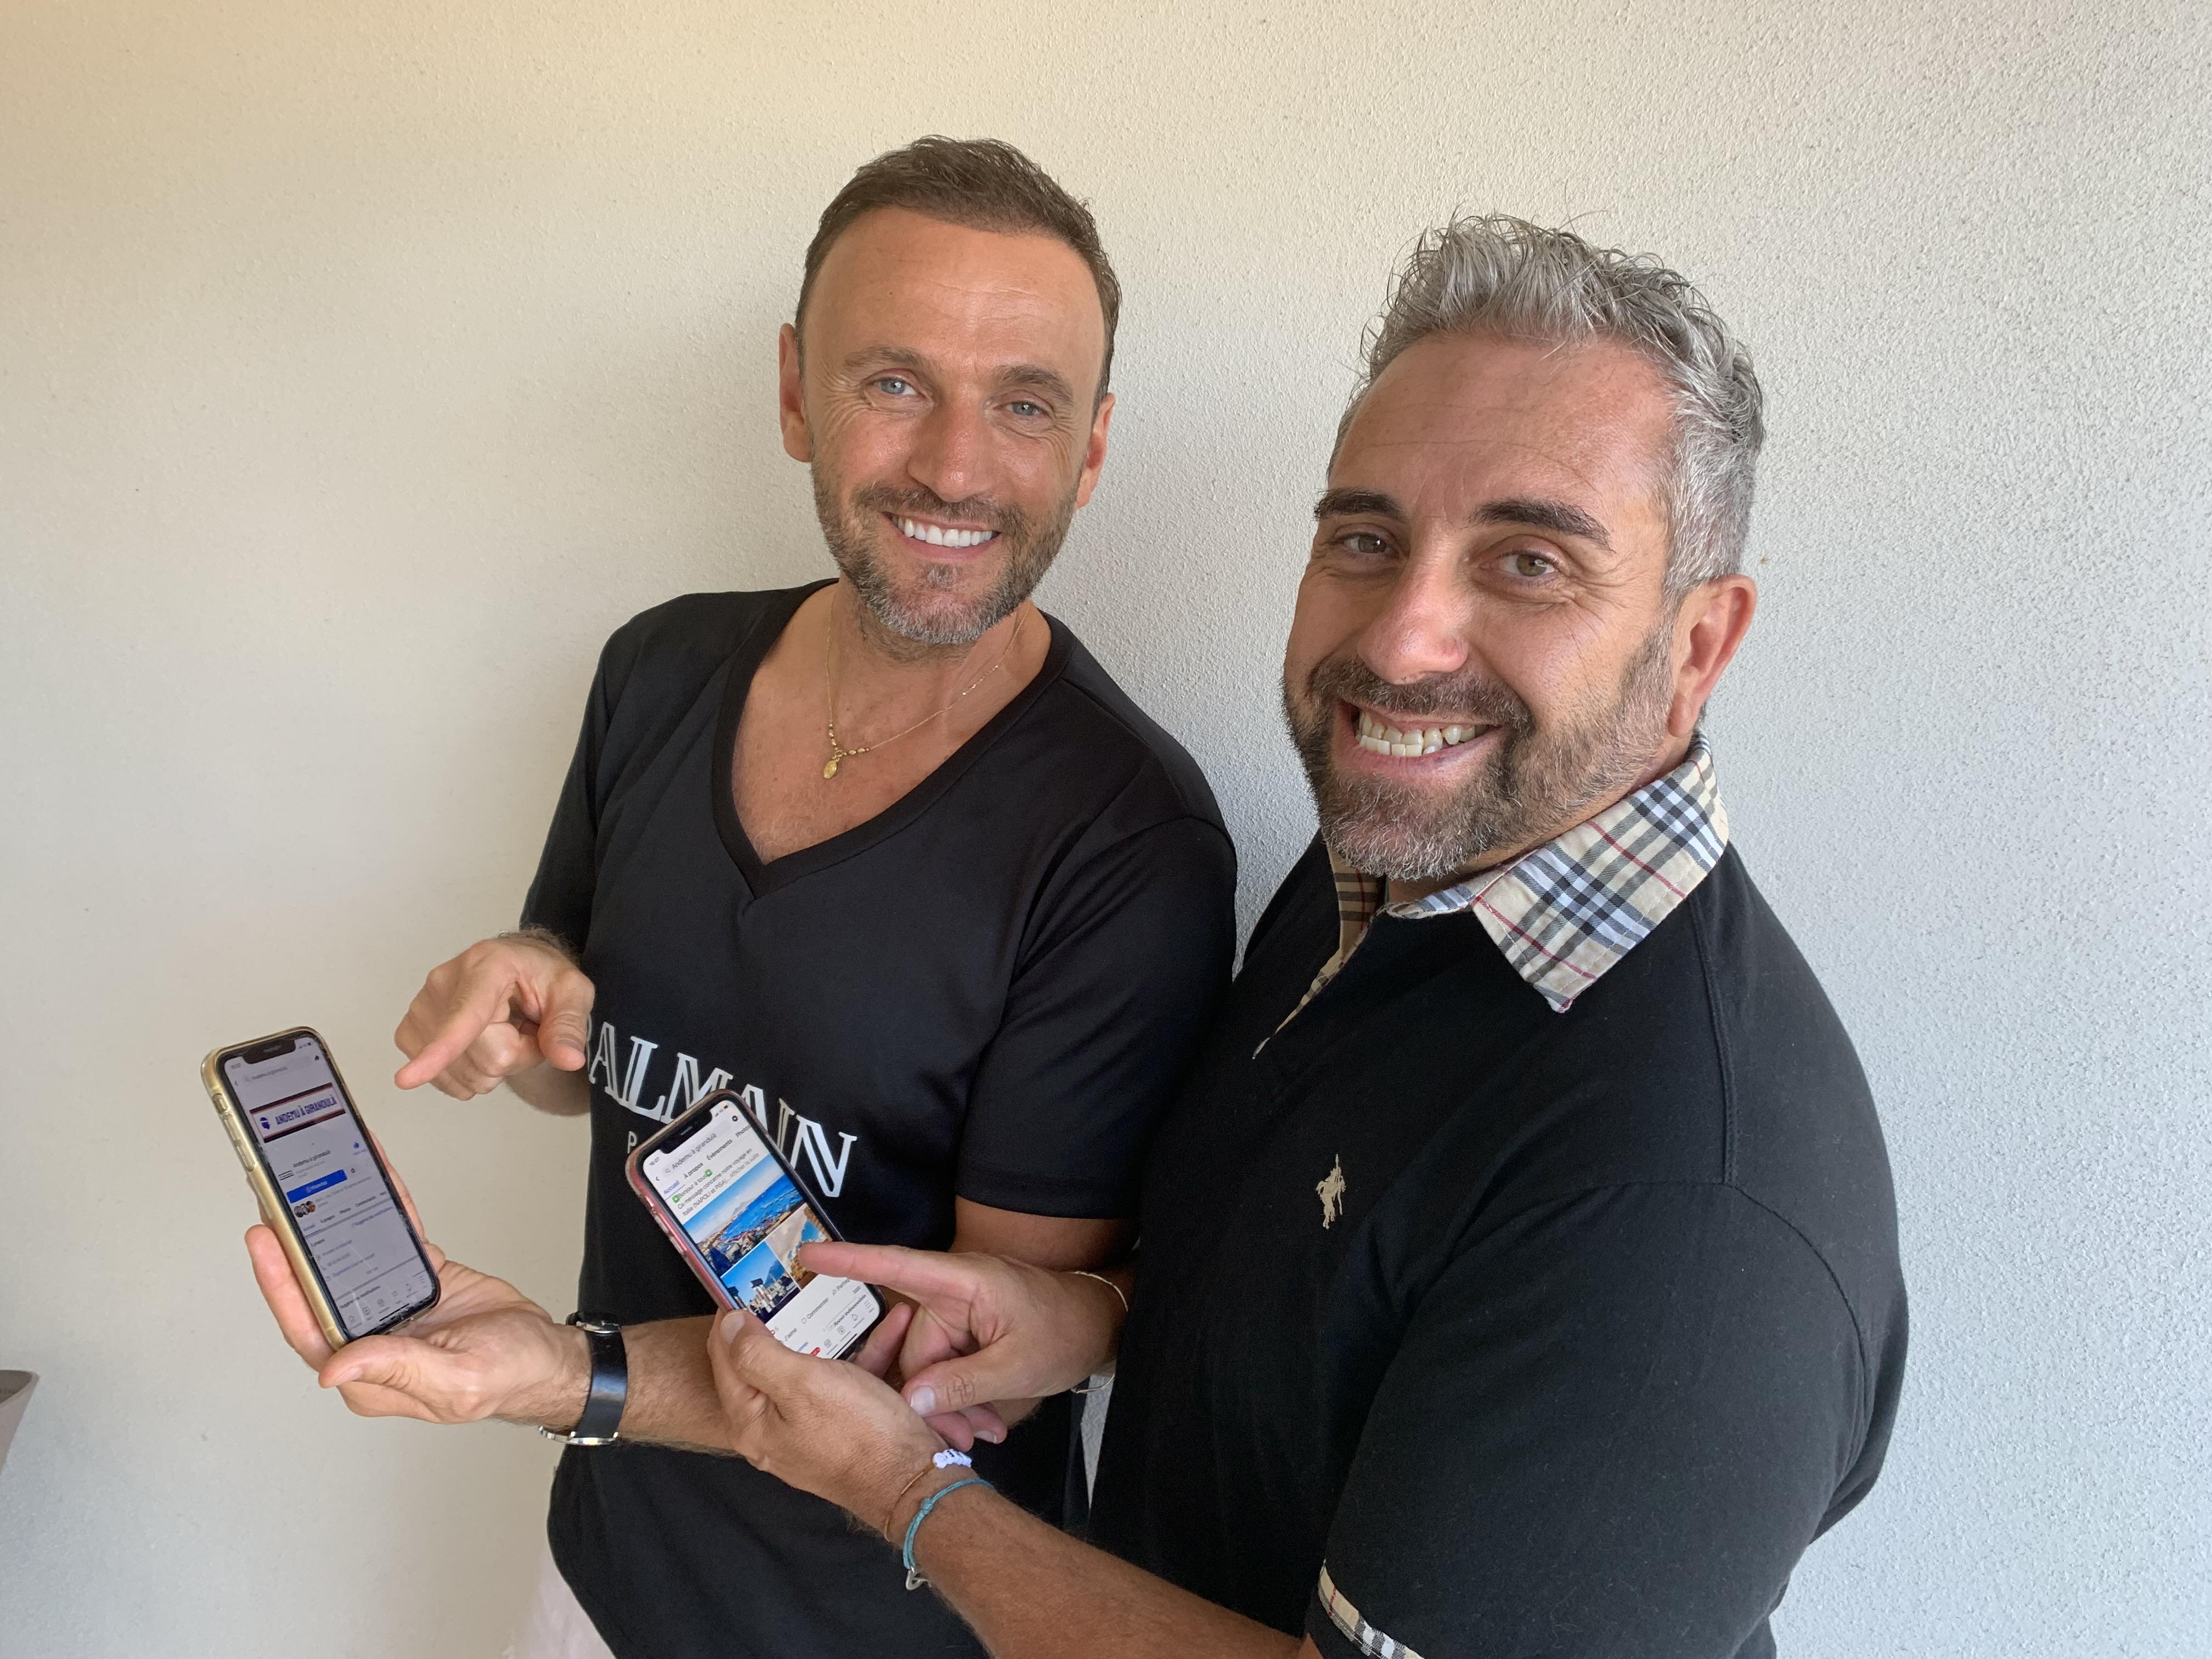 Patrice Pompei et Christophe Oriola : de jolis sourires communicatifs